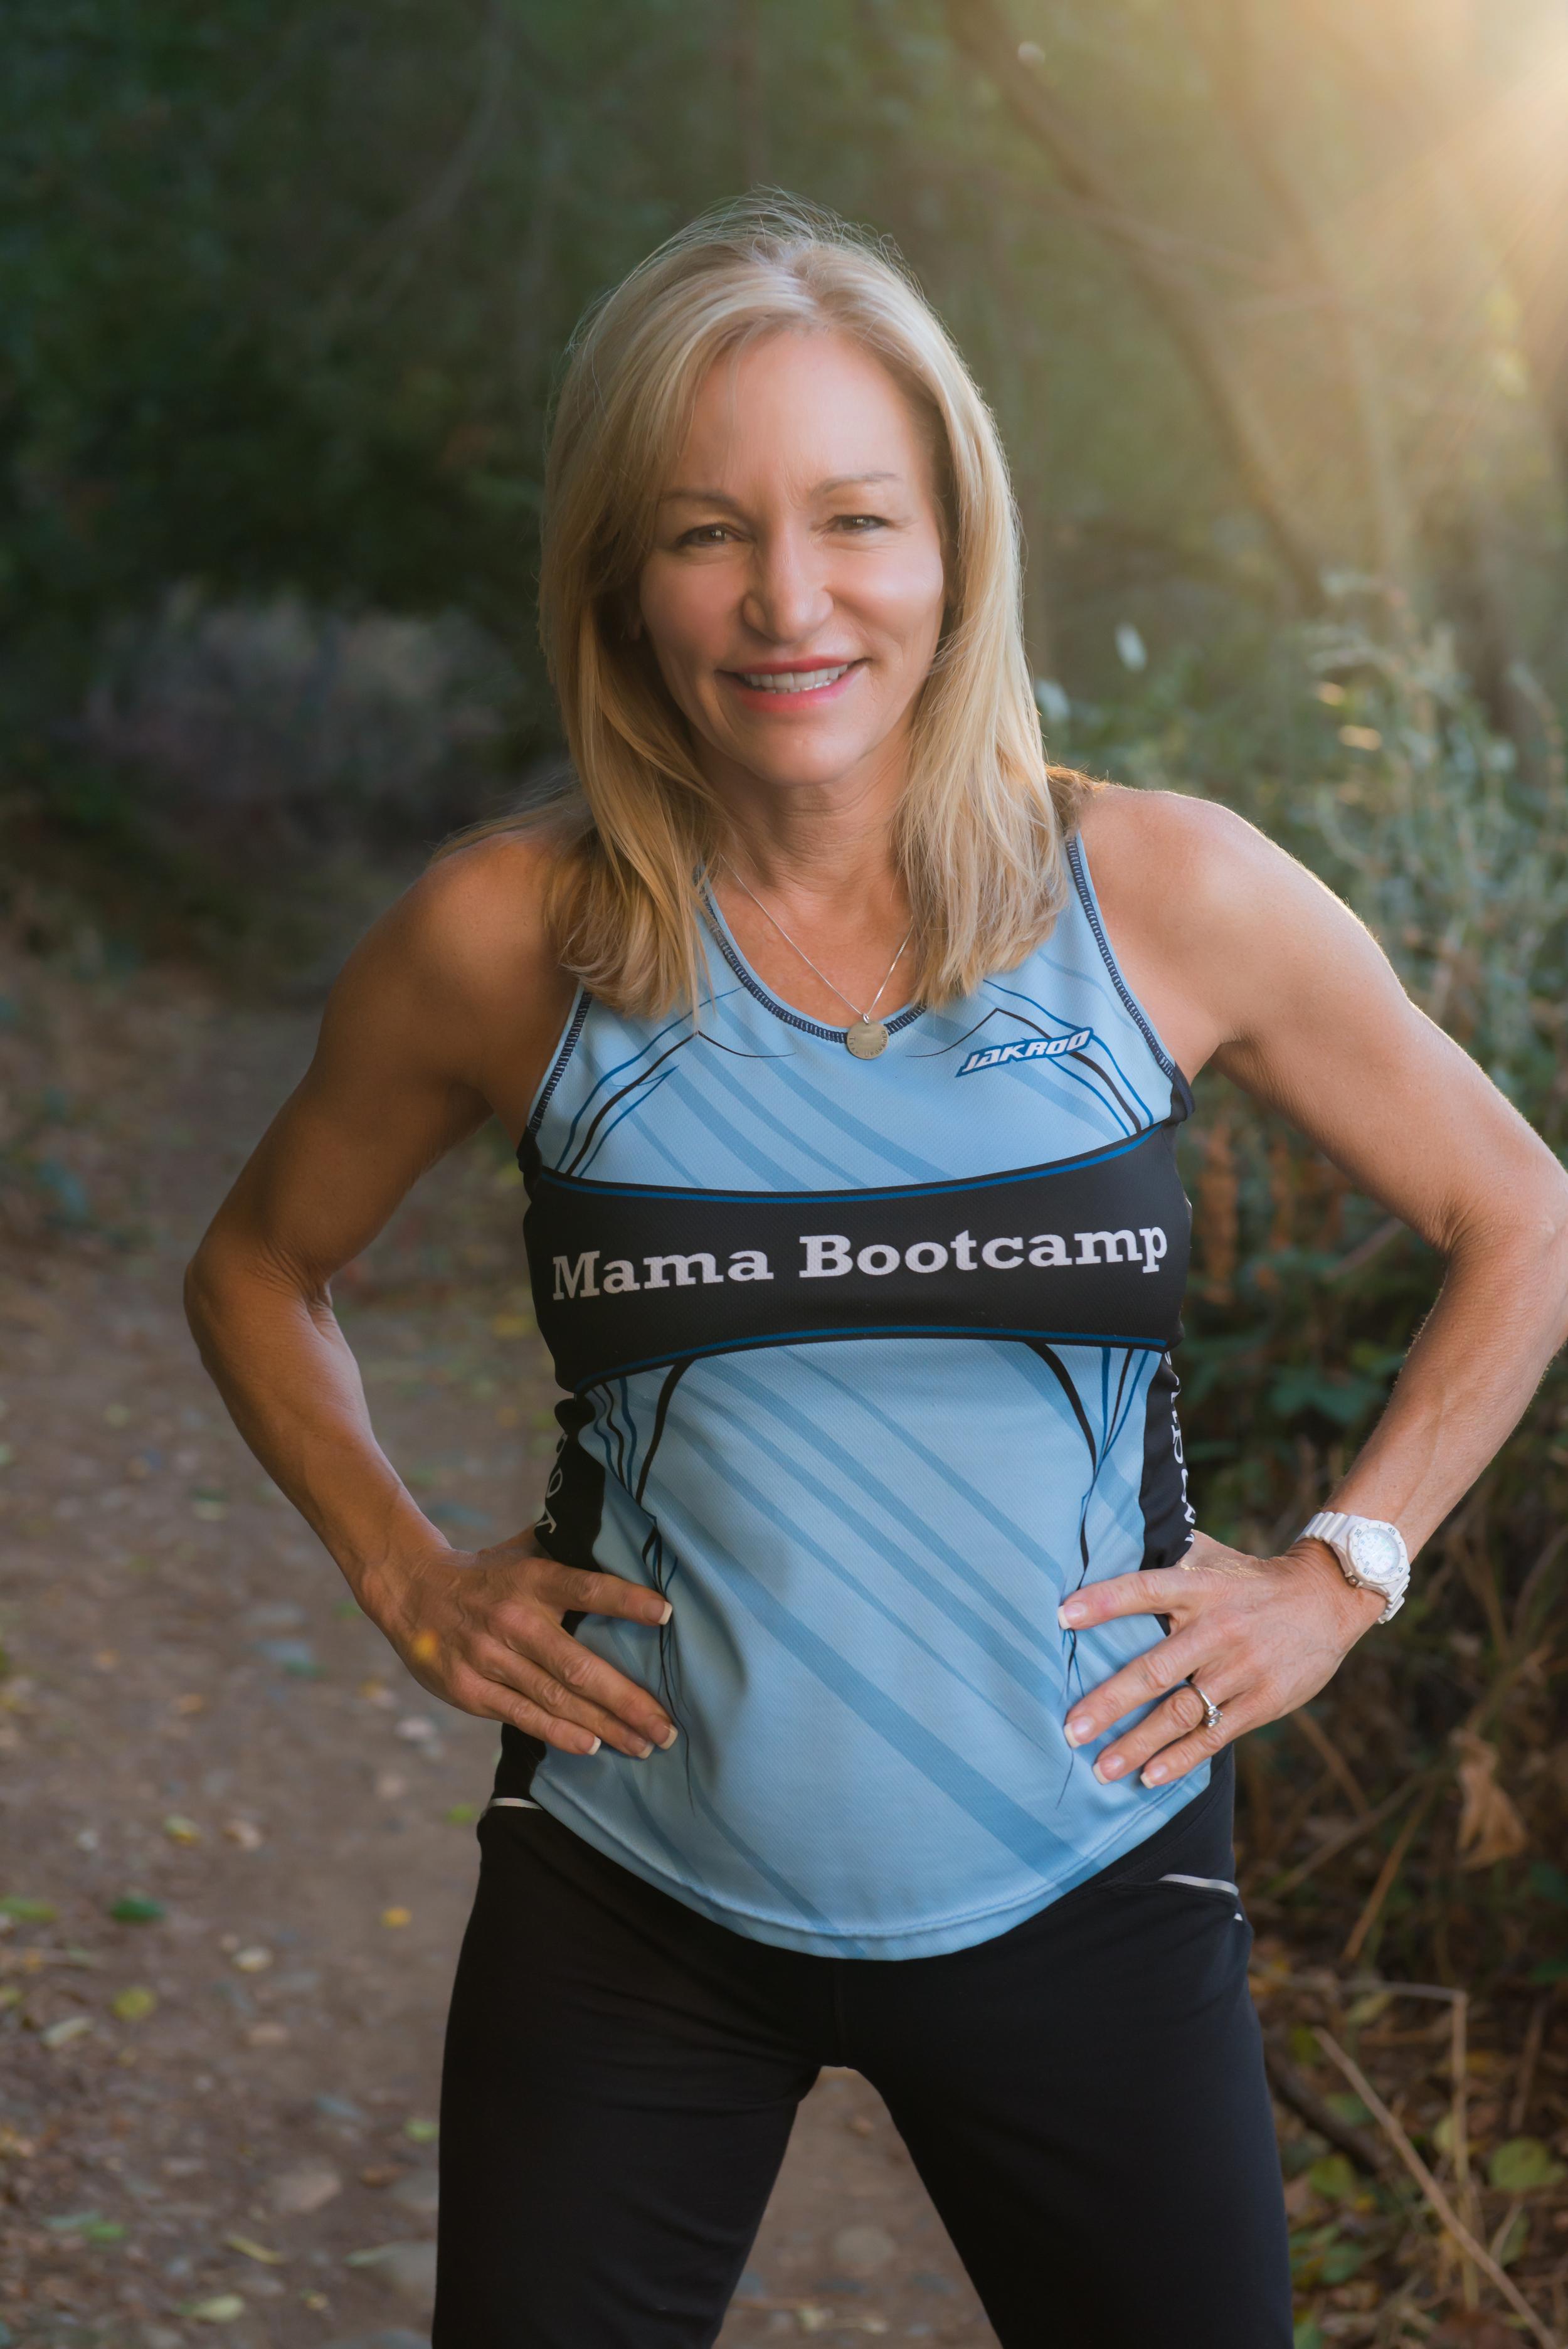 Lorri Ann Code, Founder of Mama Bootcamp